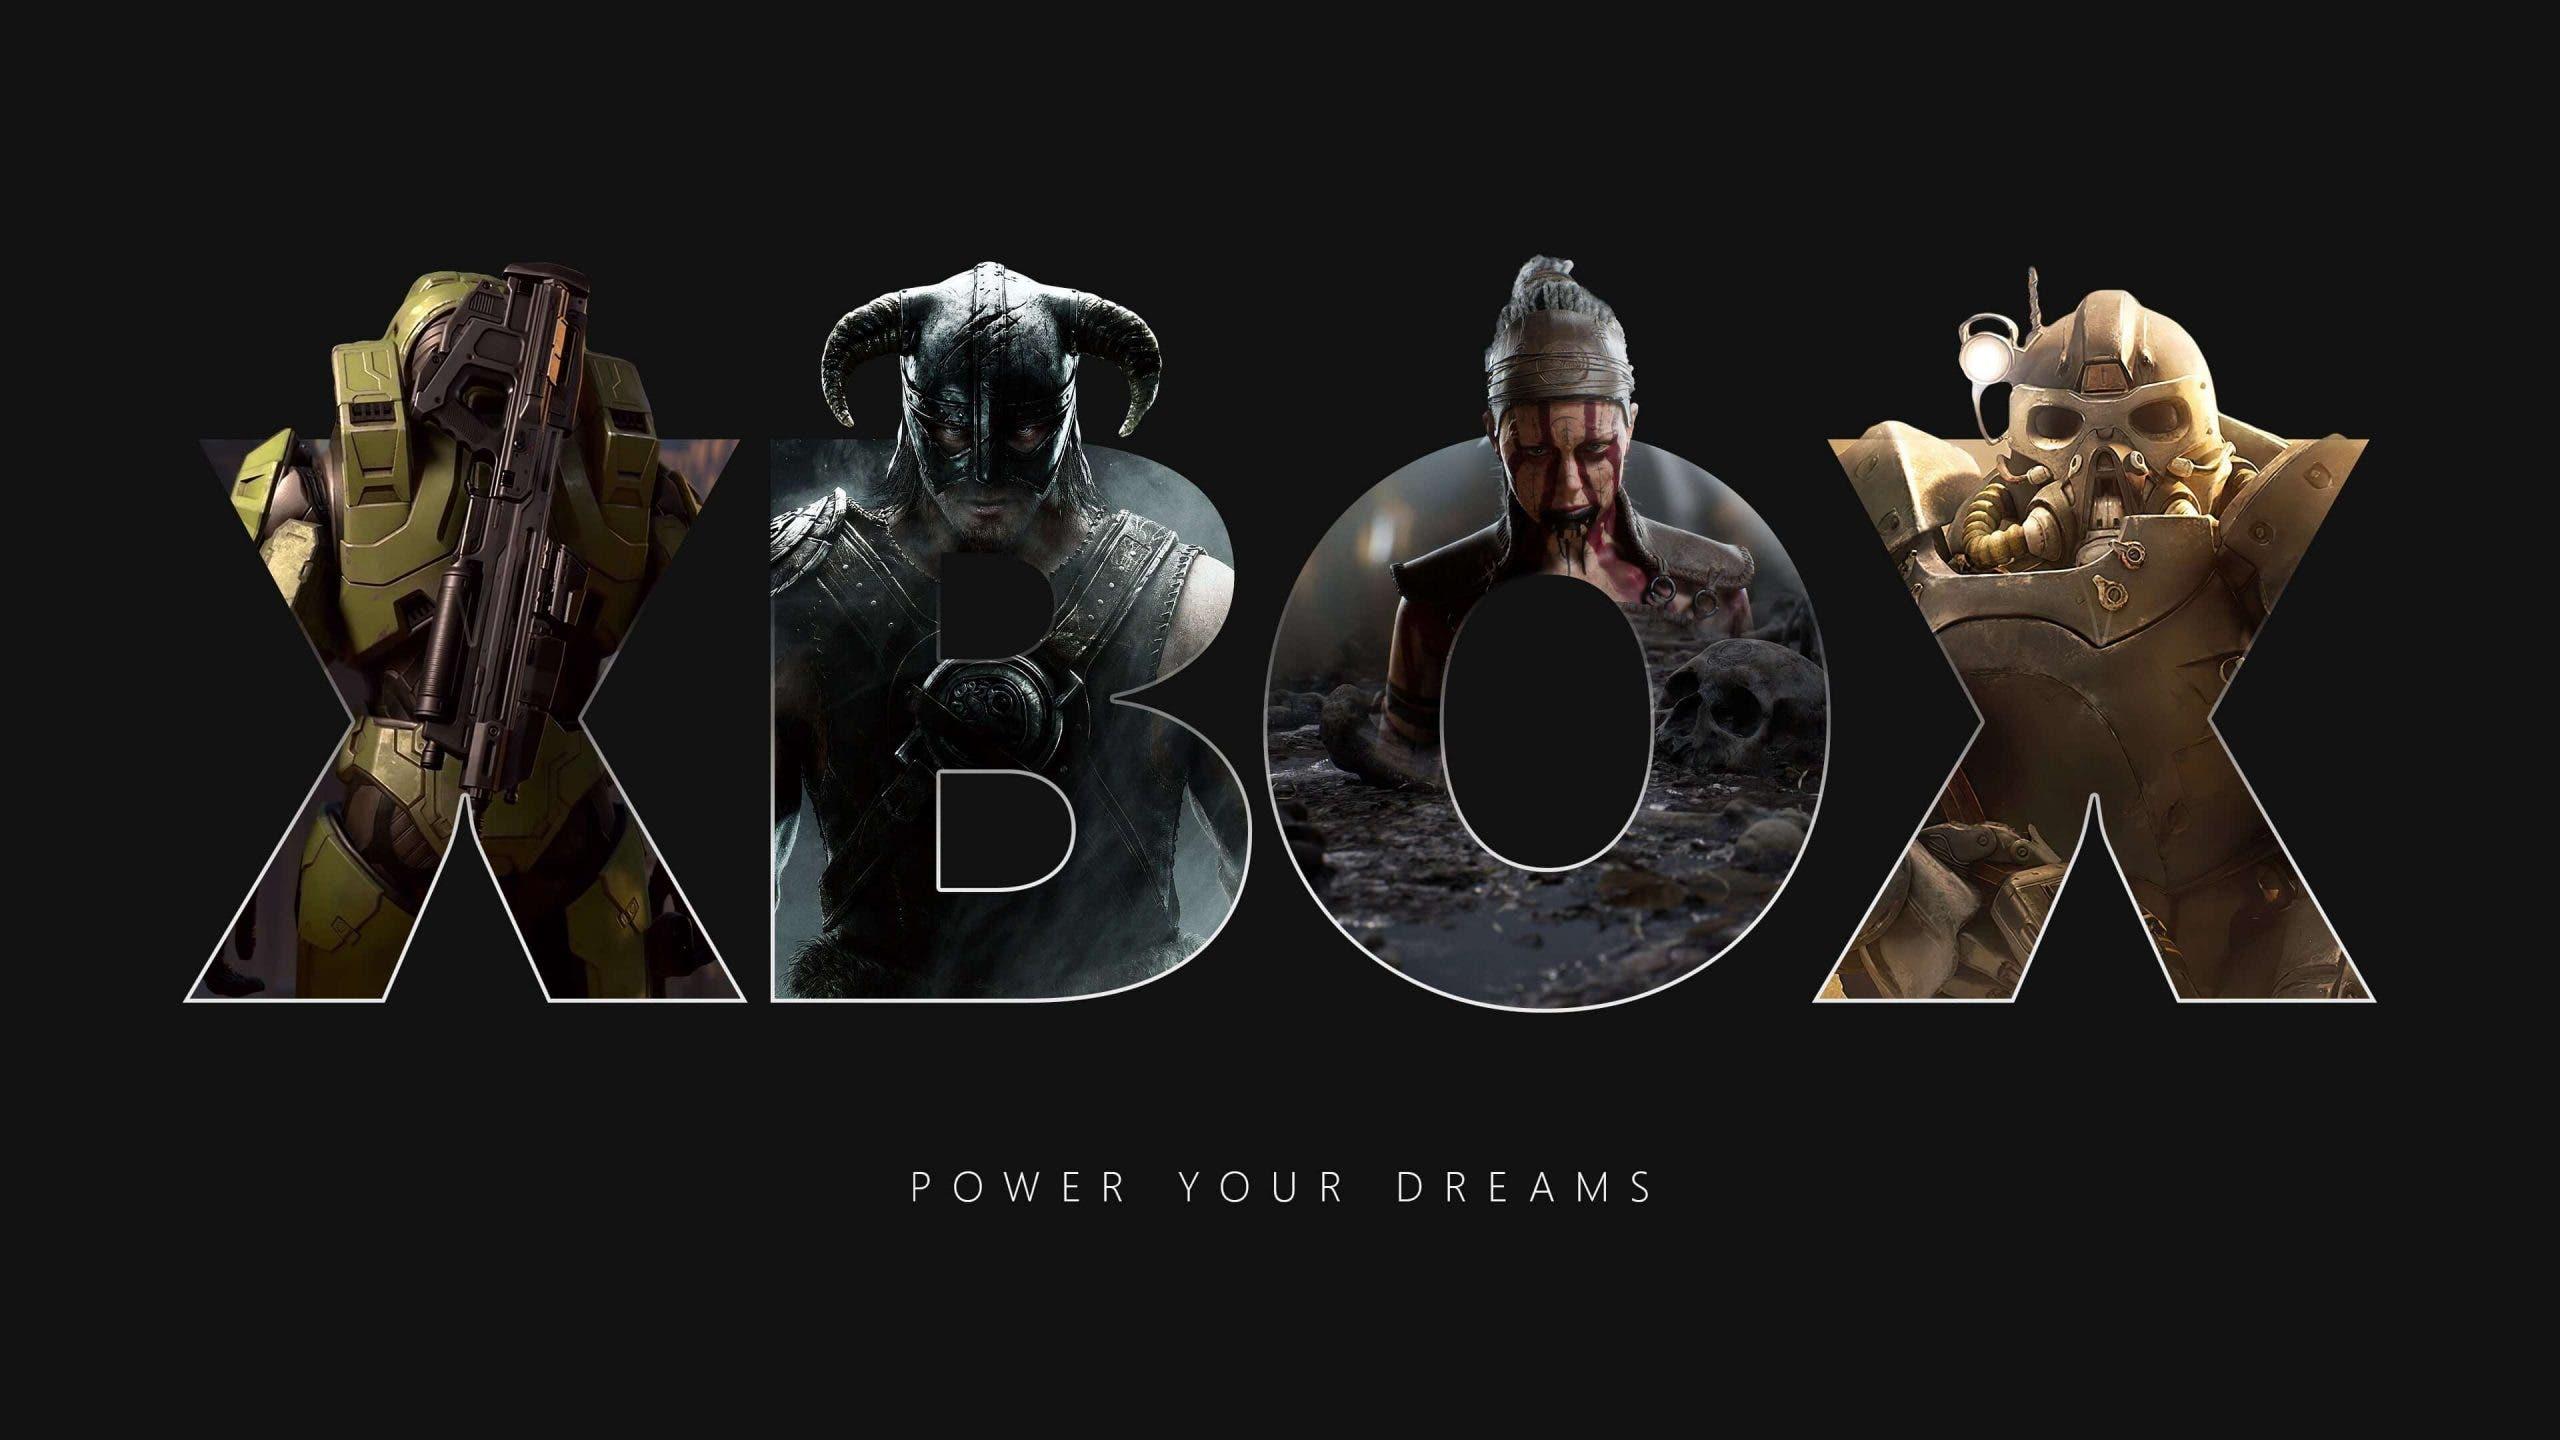 nueva función de Xbox permite descargar los juegos aunque no los hayas comprado